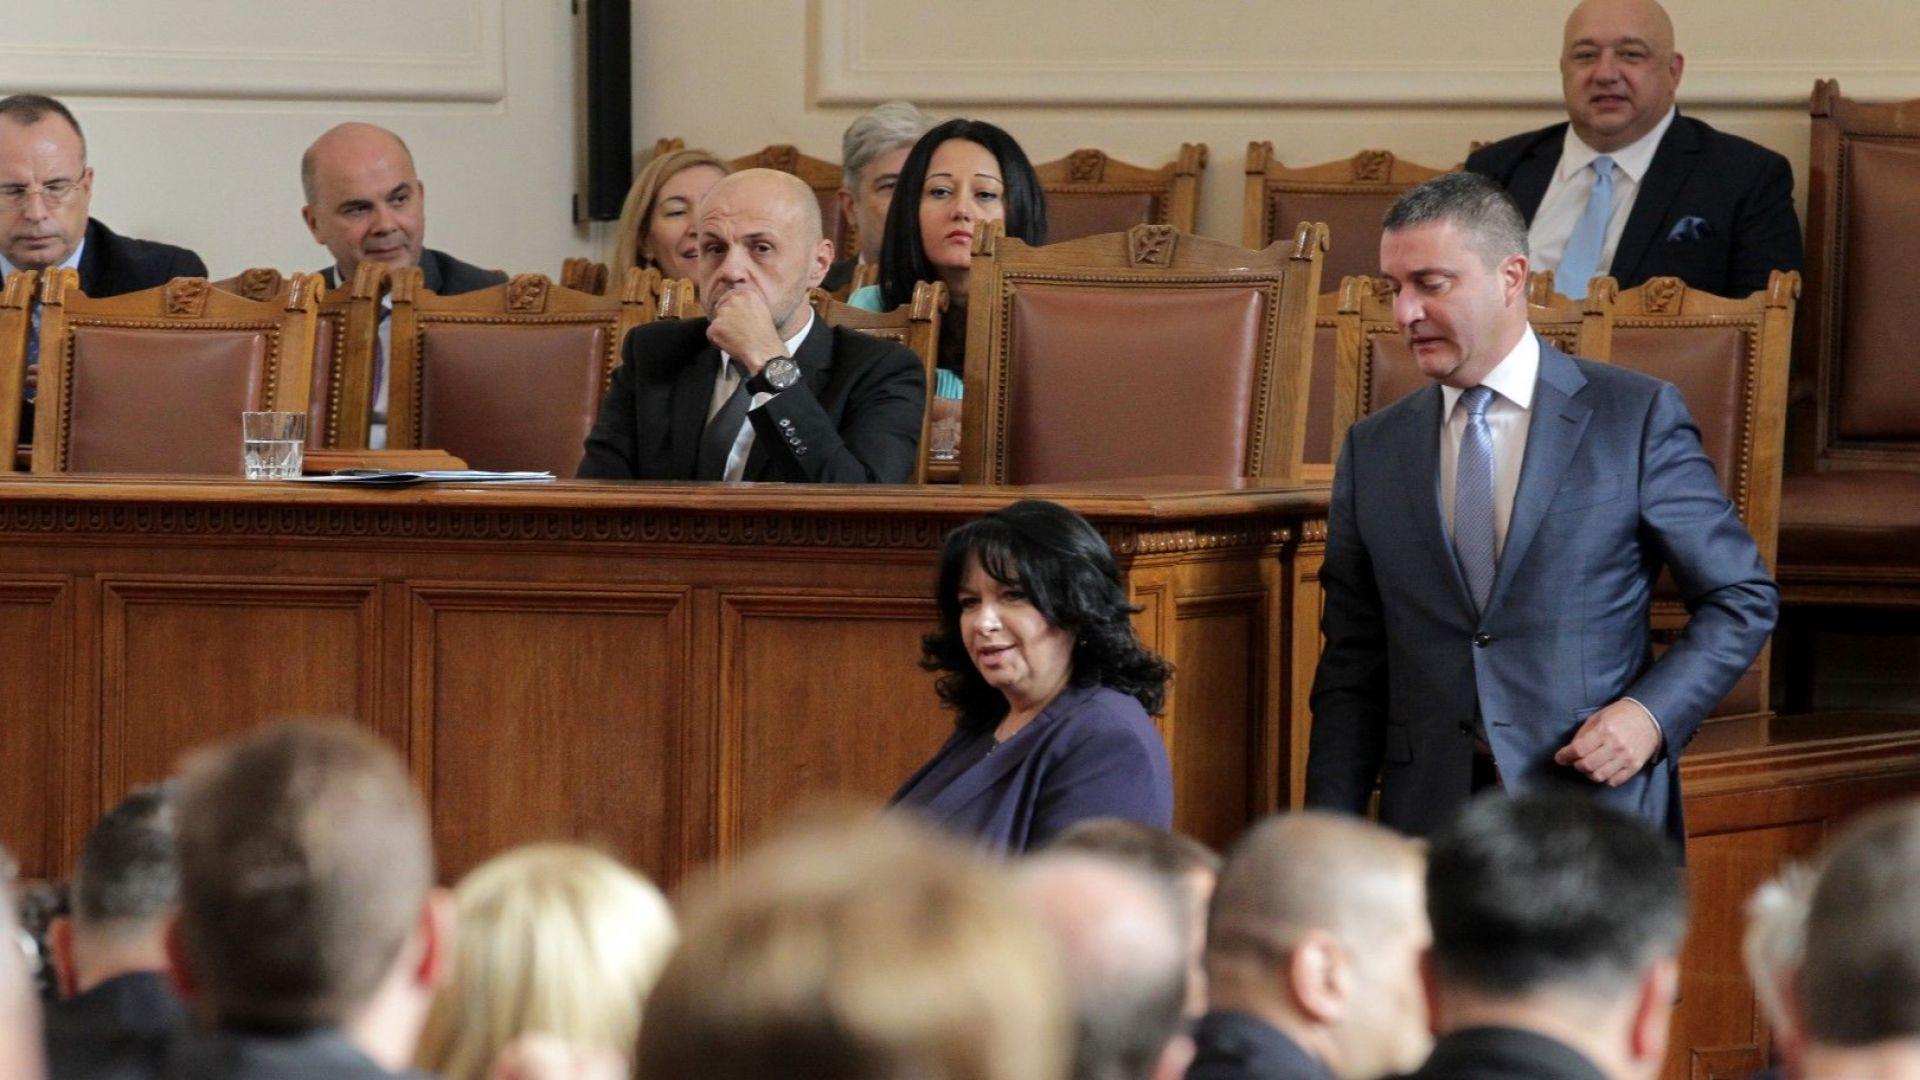 ГЕРБ защити Московски, Нанков и Радев: Наказваме ги с оставките, опозицията нарече хвалбите нелепи